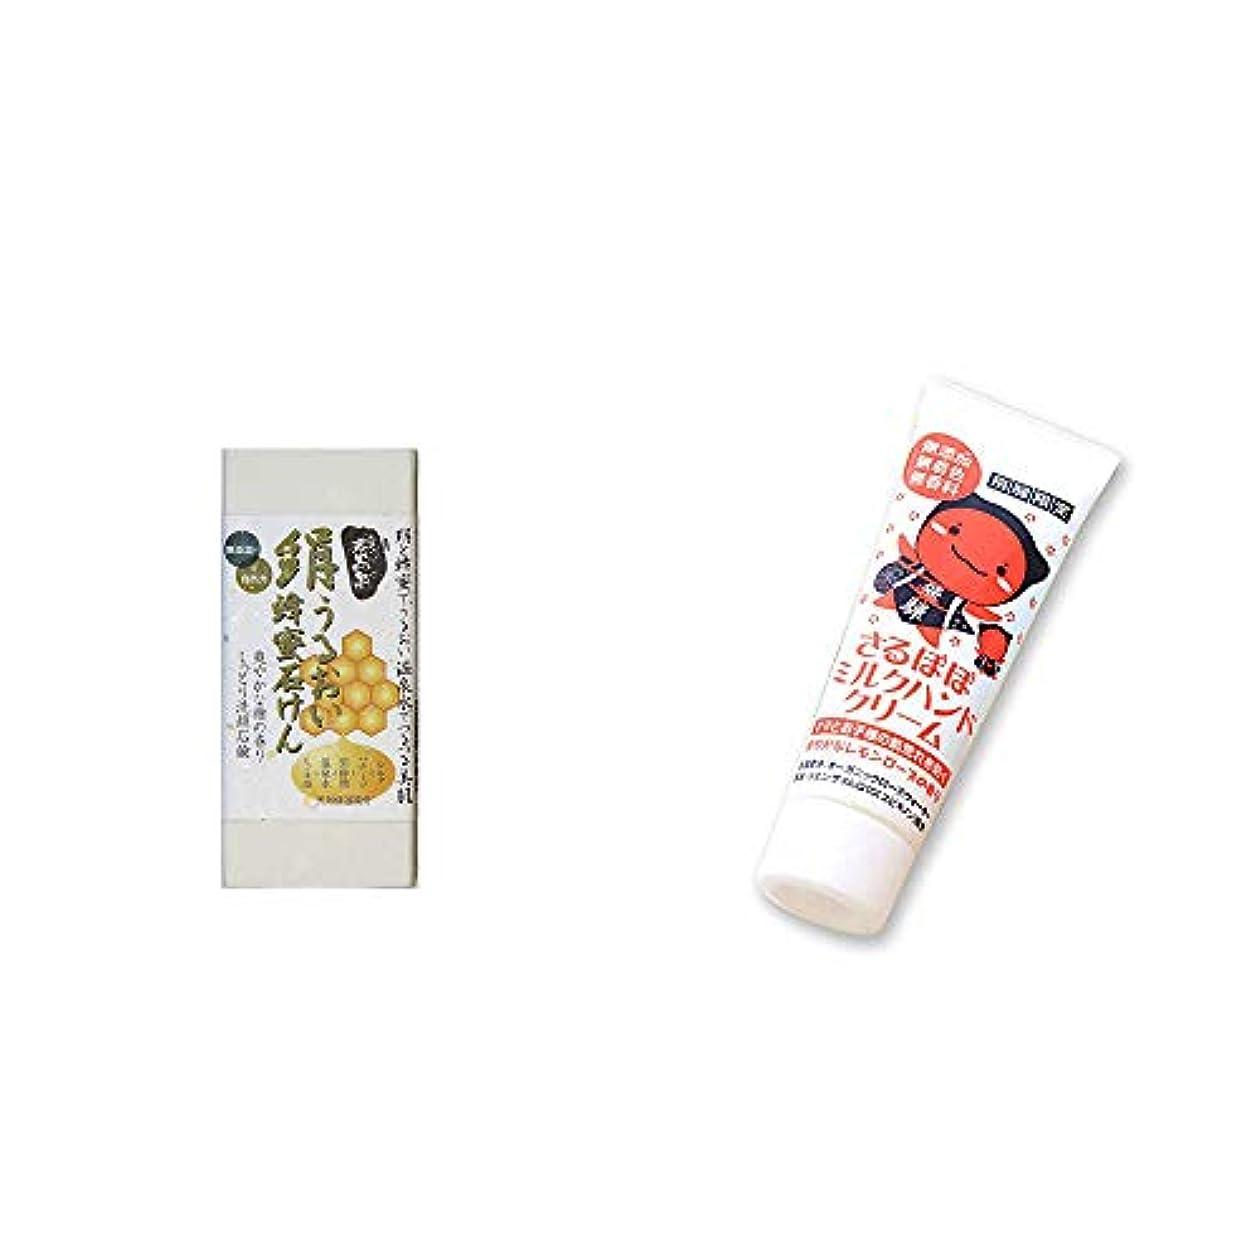 保証太平洋諸島ムスタチオ[2点セット] ひのき炭黒泉 絹うるおい蜂蜜石けん(75g×2)?さるぼぼ ミルクハンドクリーム(50g)